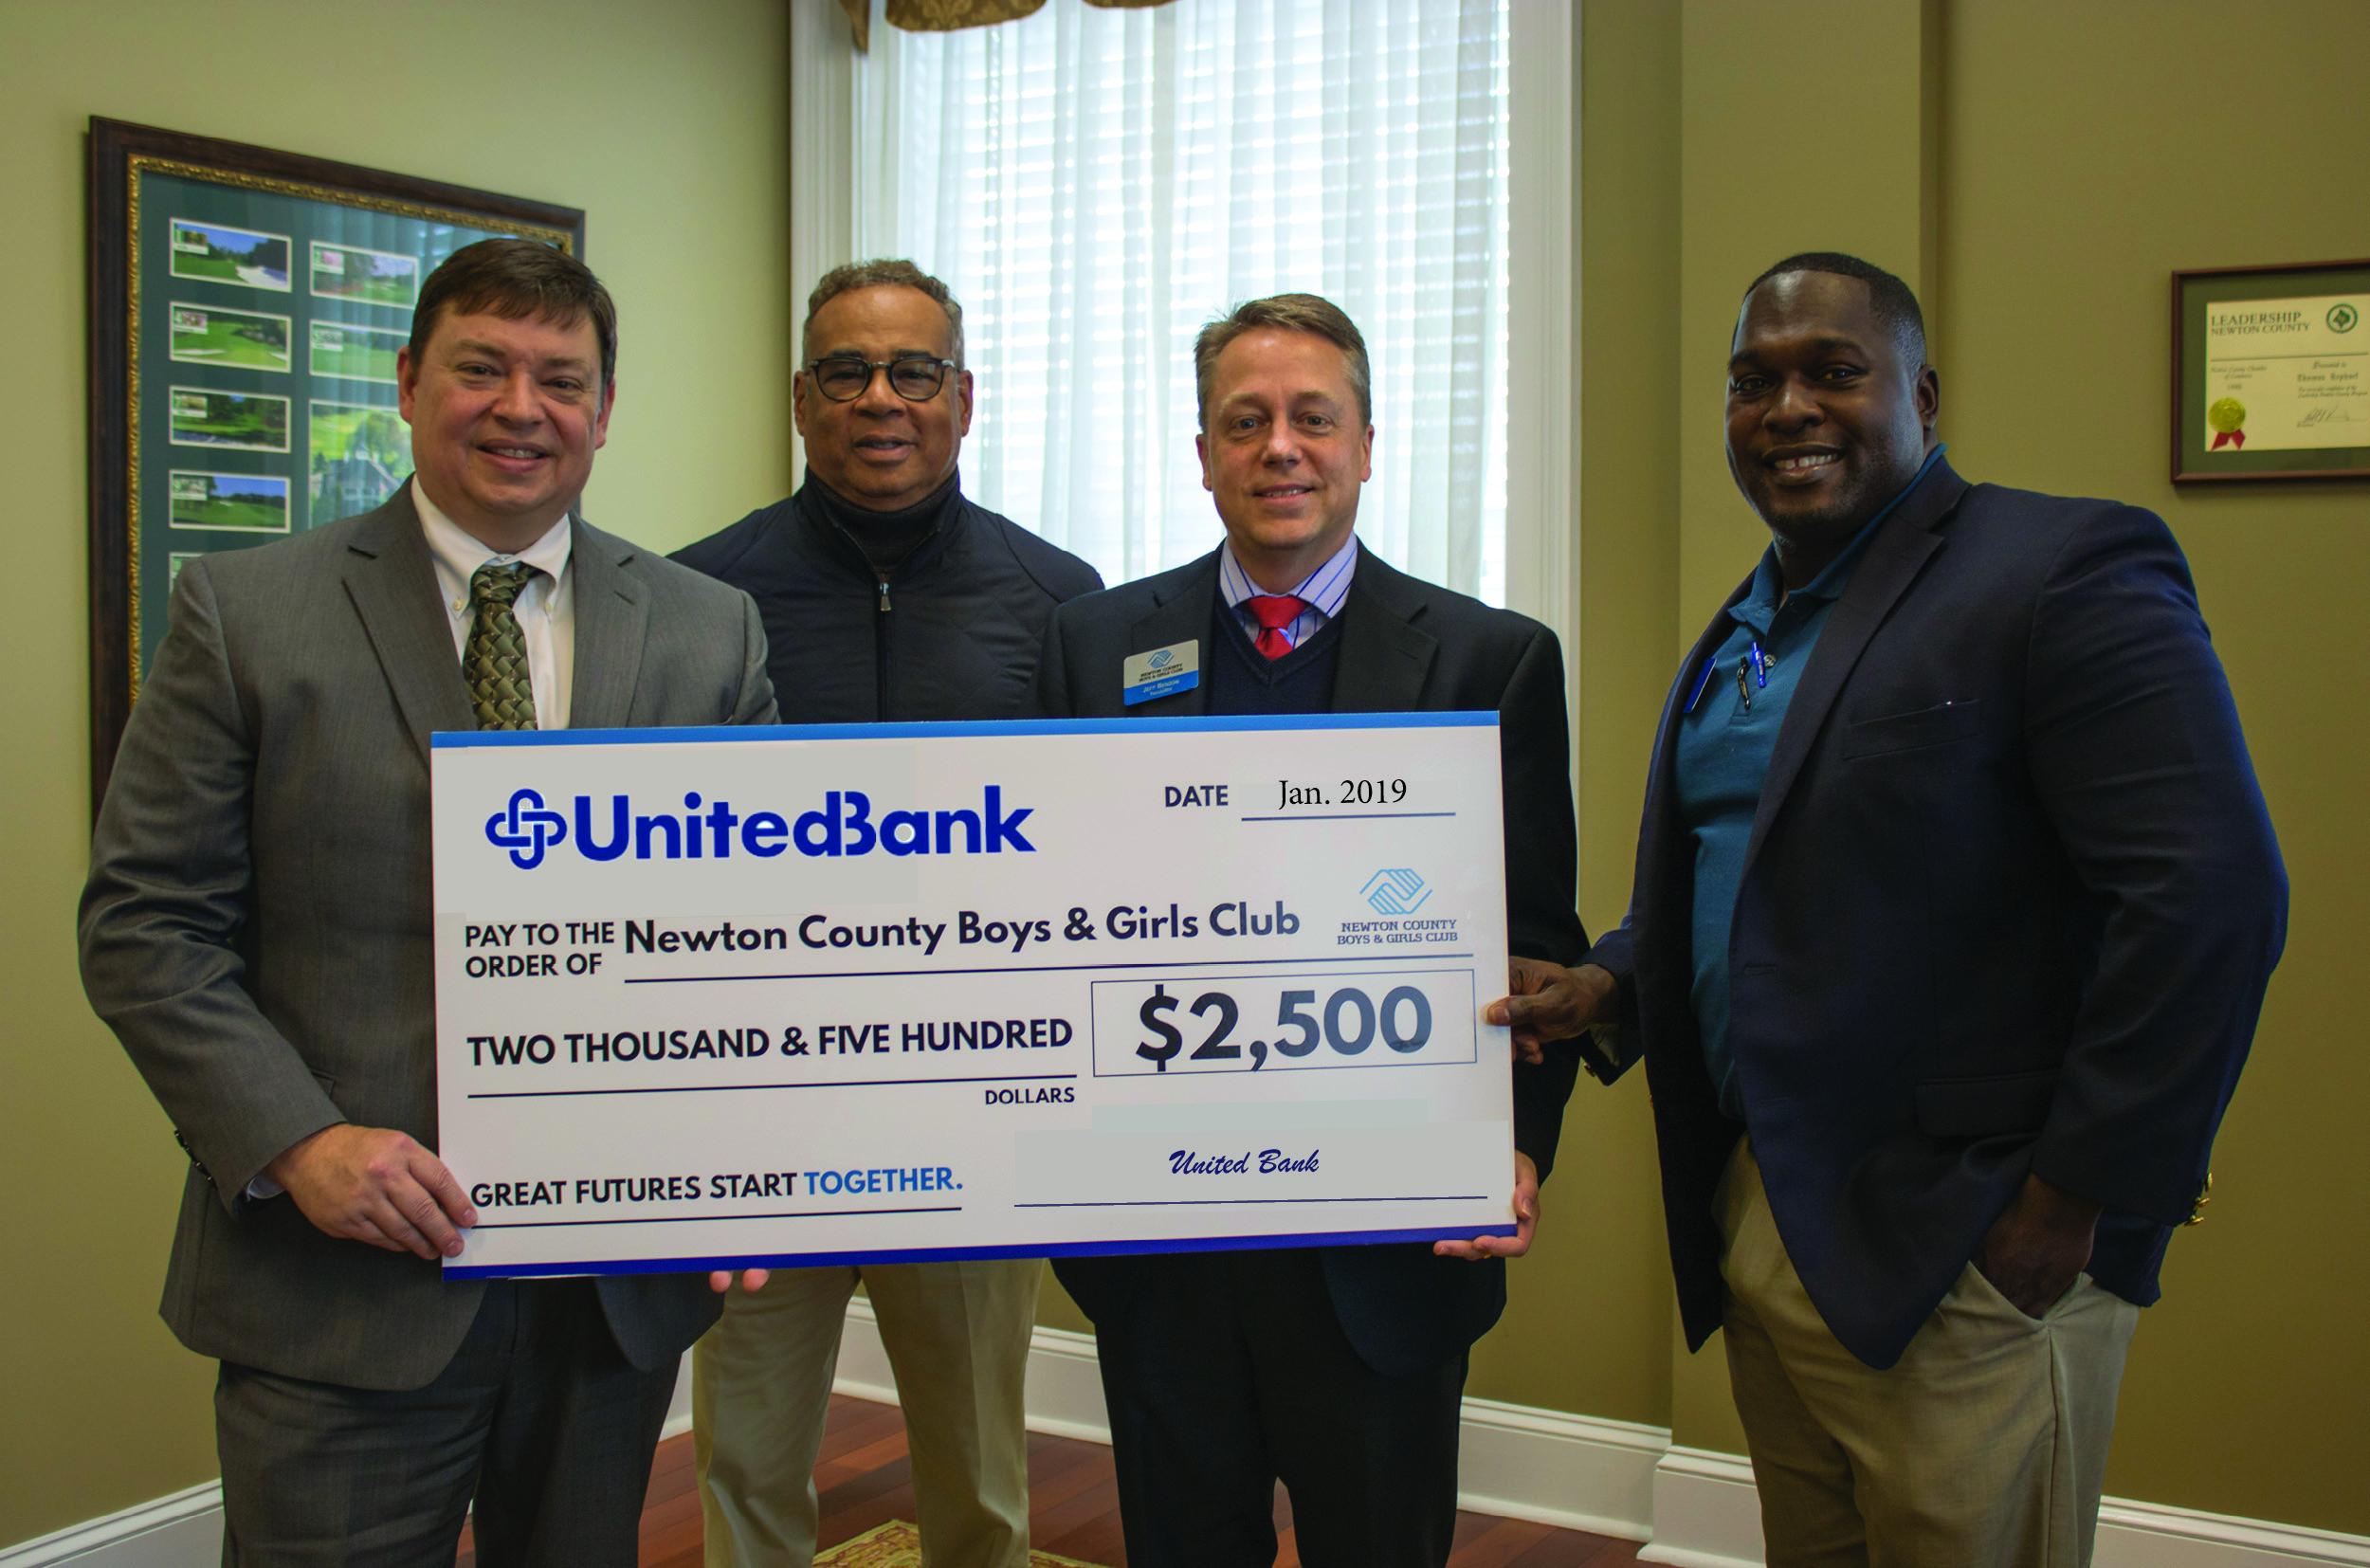 United Bank SMALLER Group.jpg